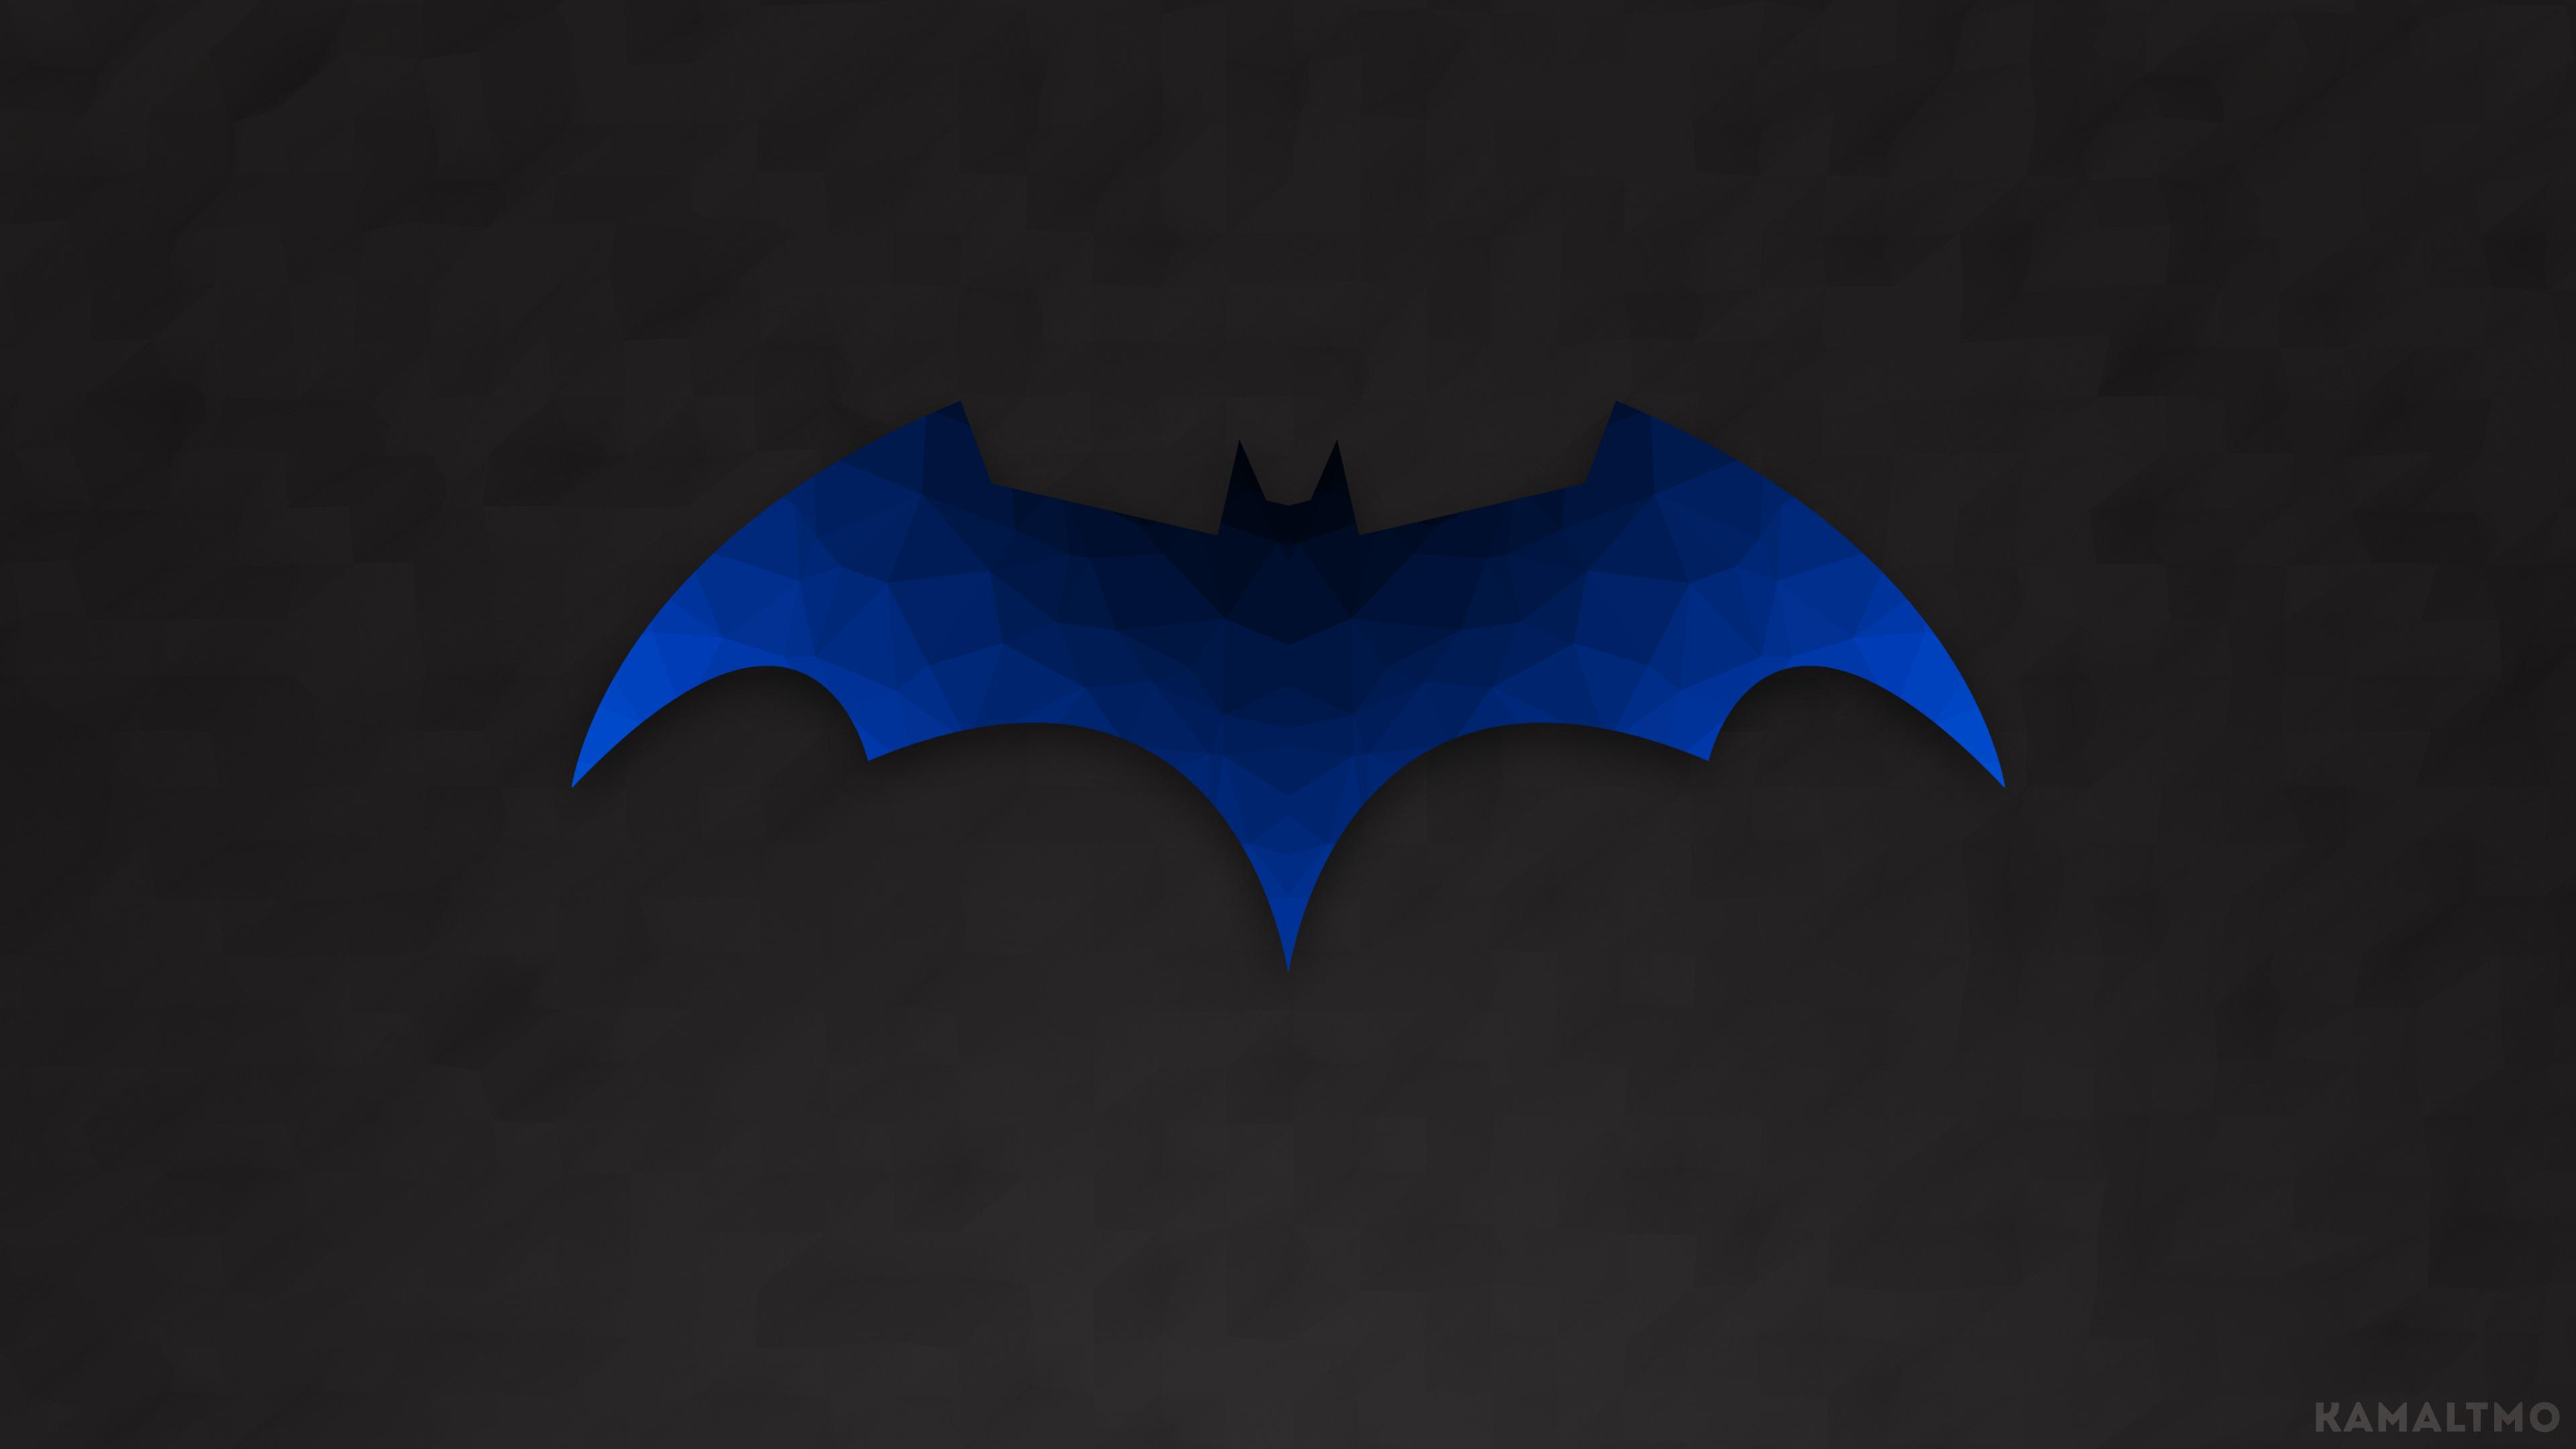 Masaüstü Yarasa Adam Batman Logosu Logo çokgen Sanat Düşük